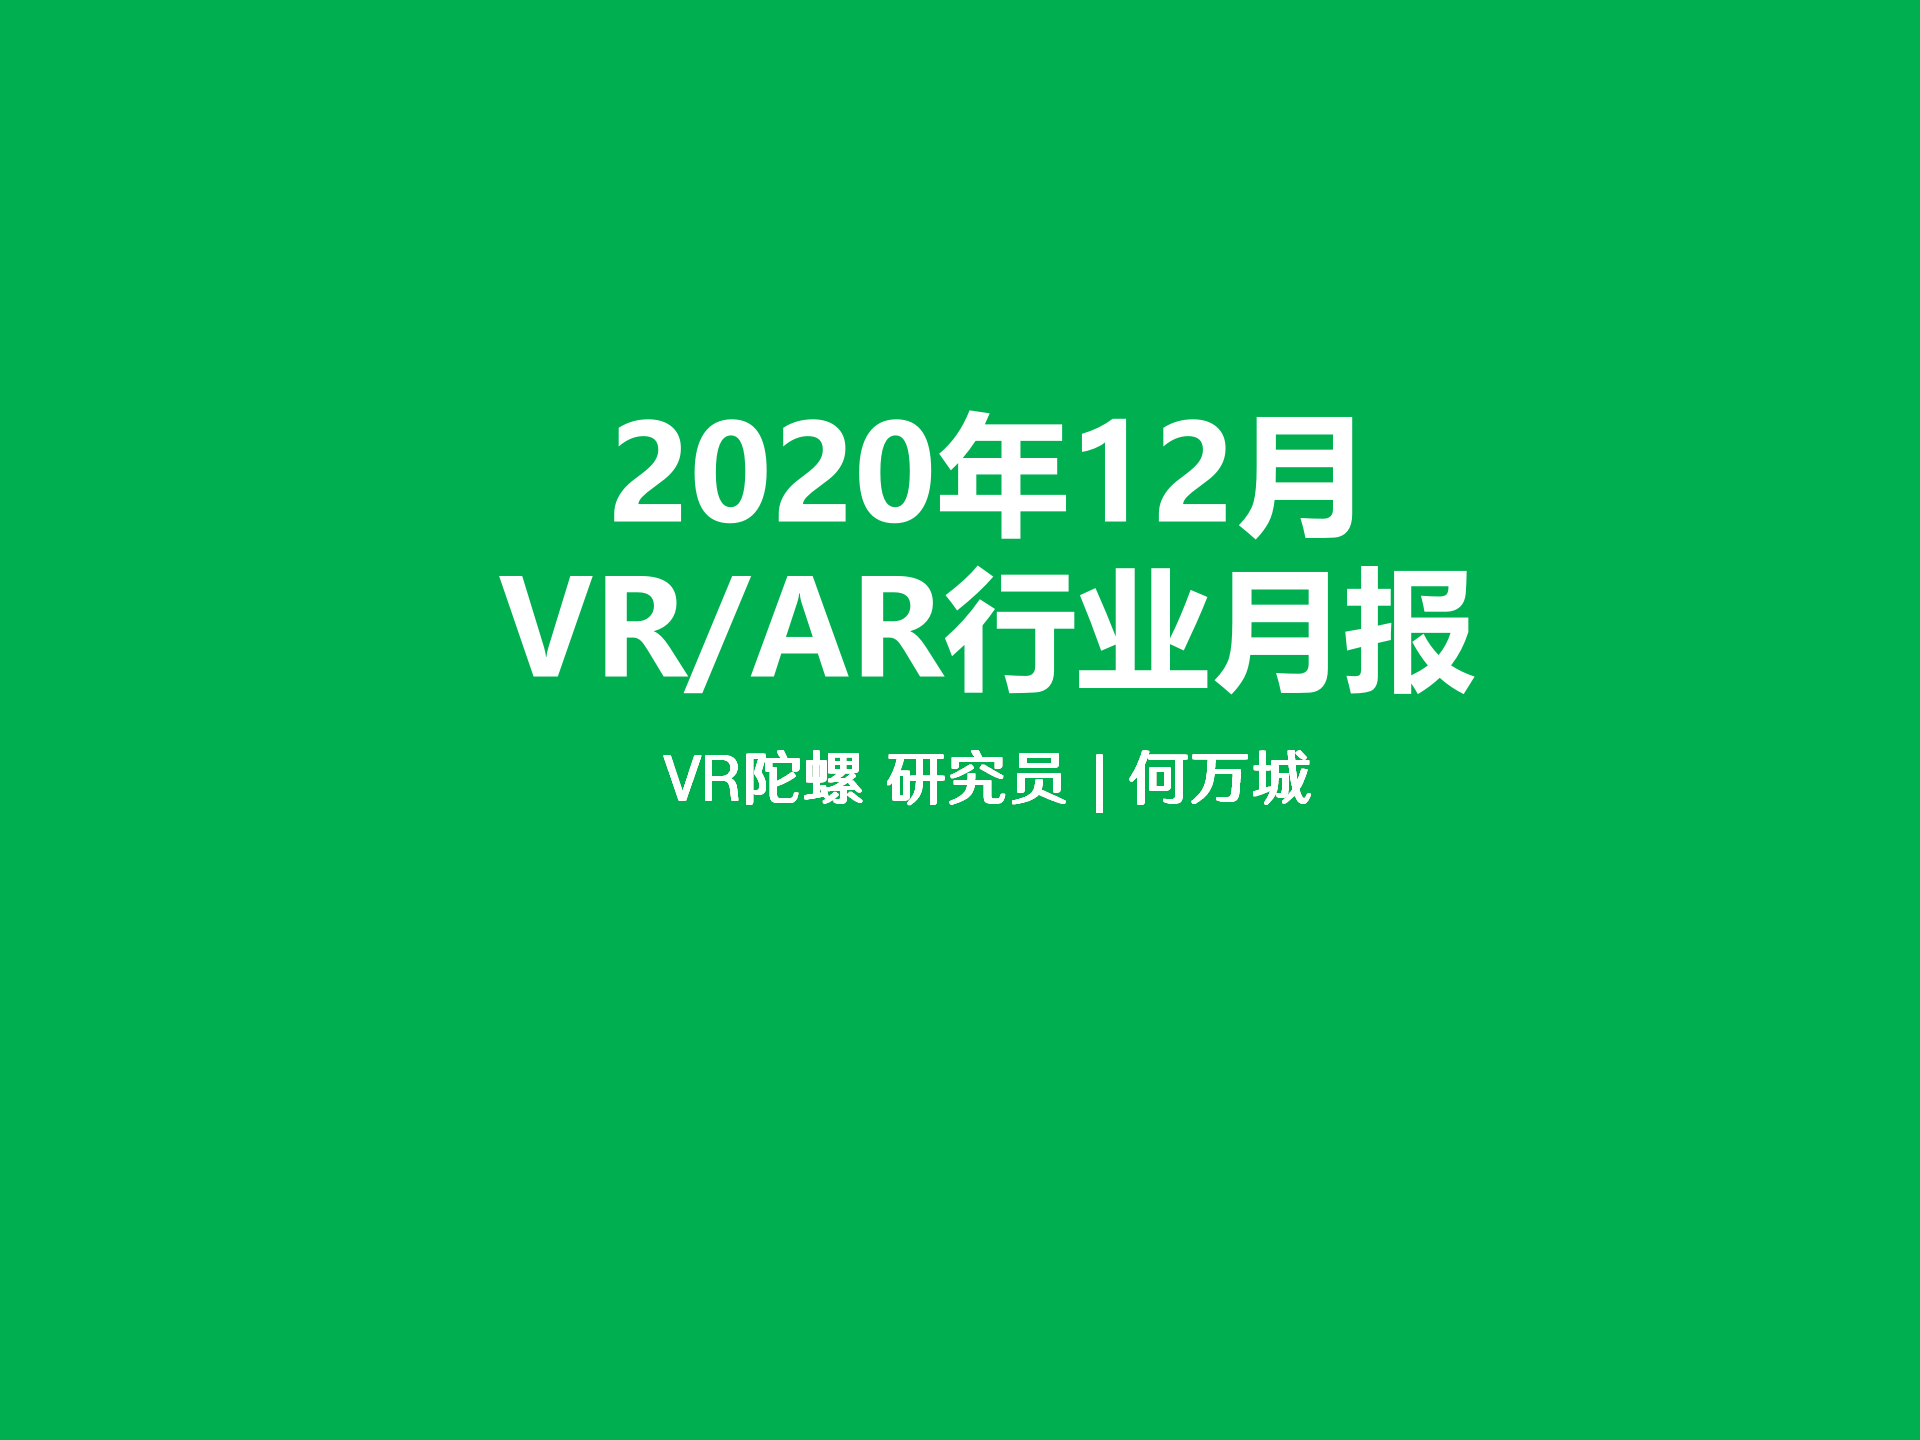 2020年12月VR/AR 行业月报 | VR陀螺